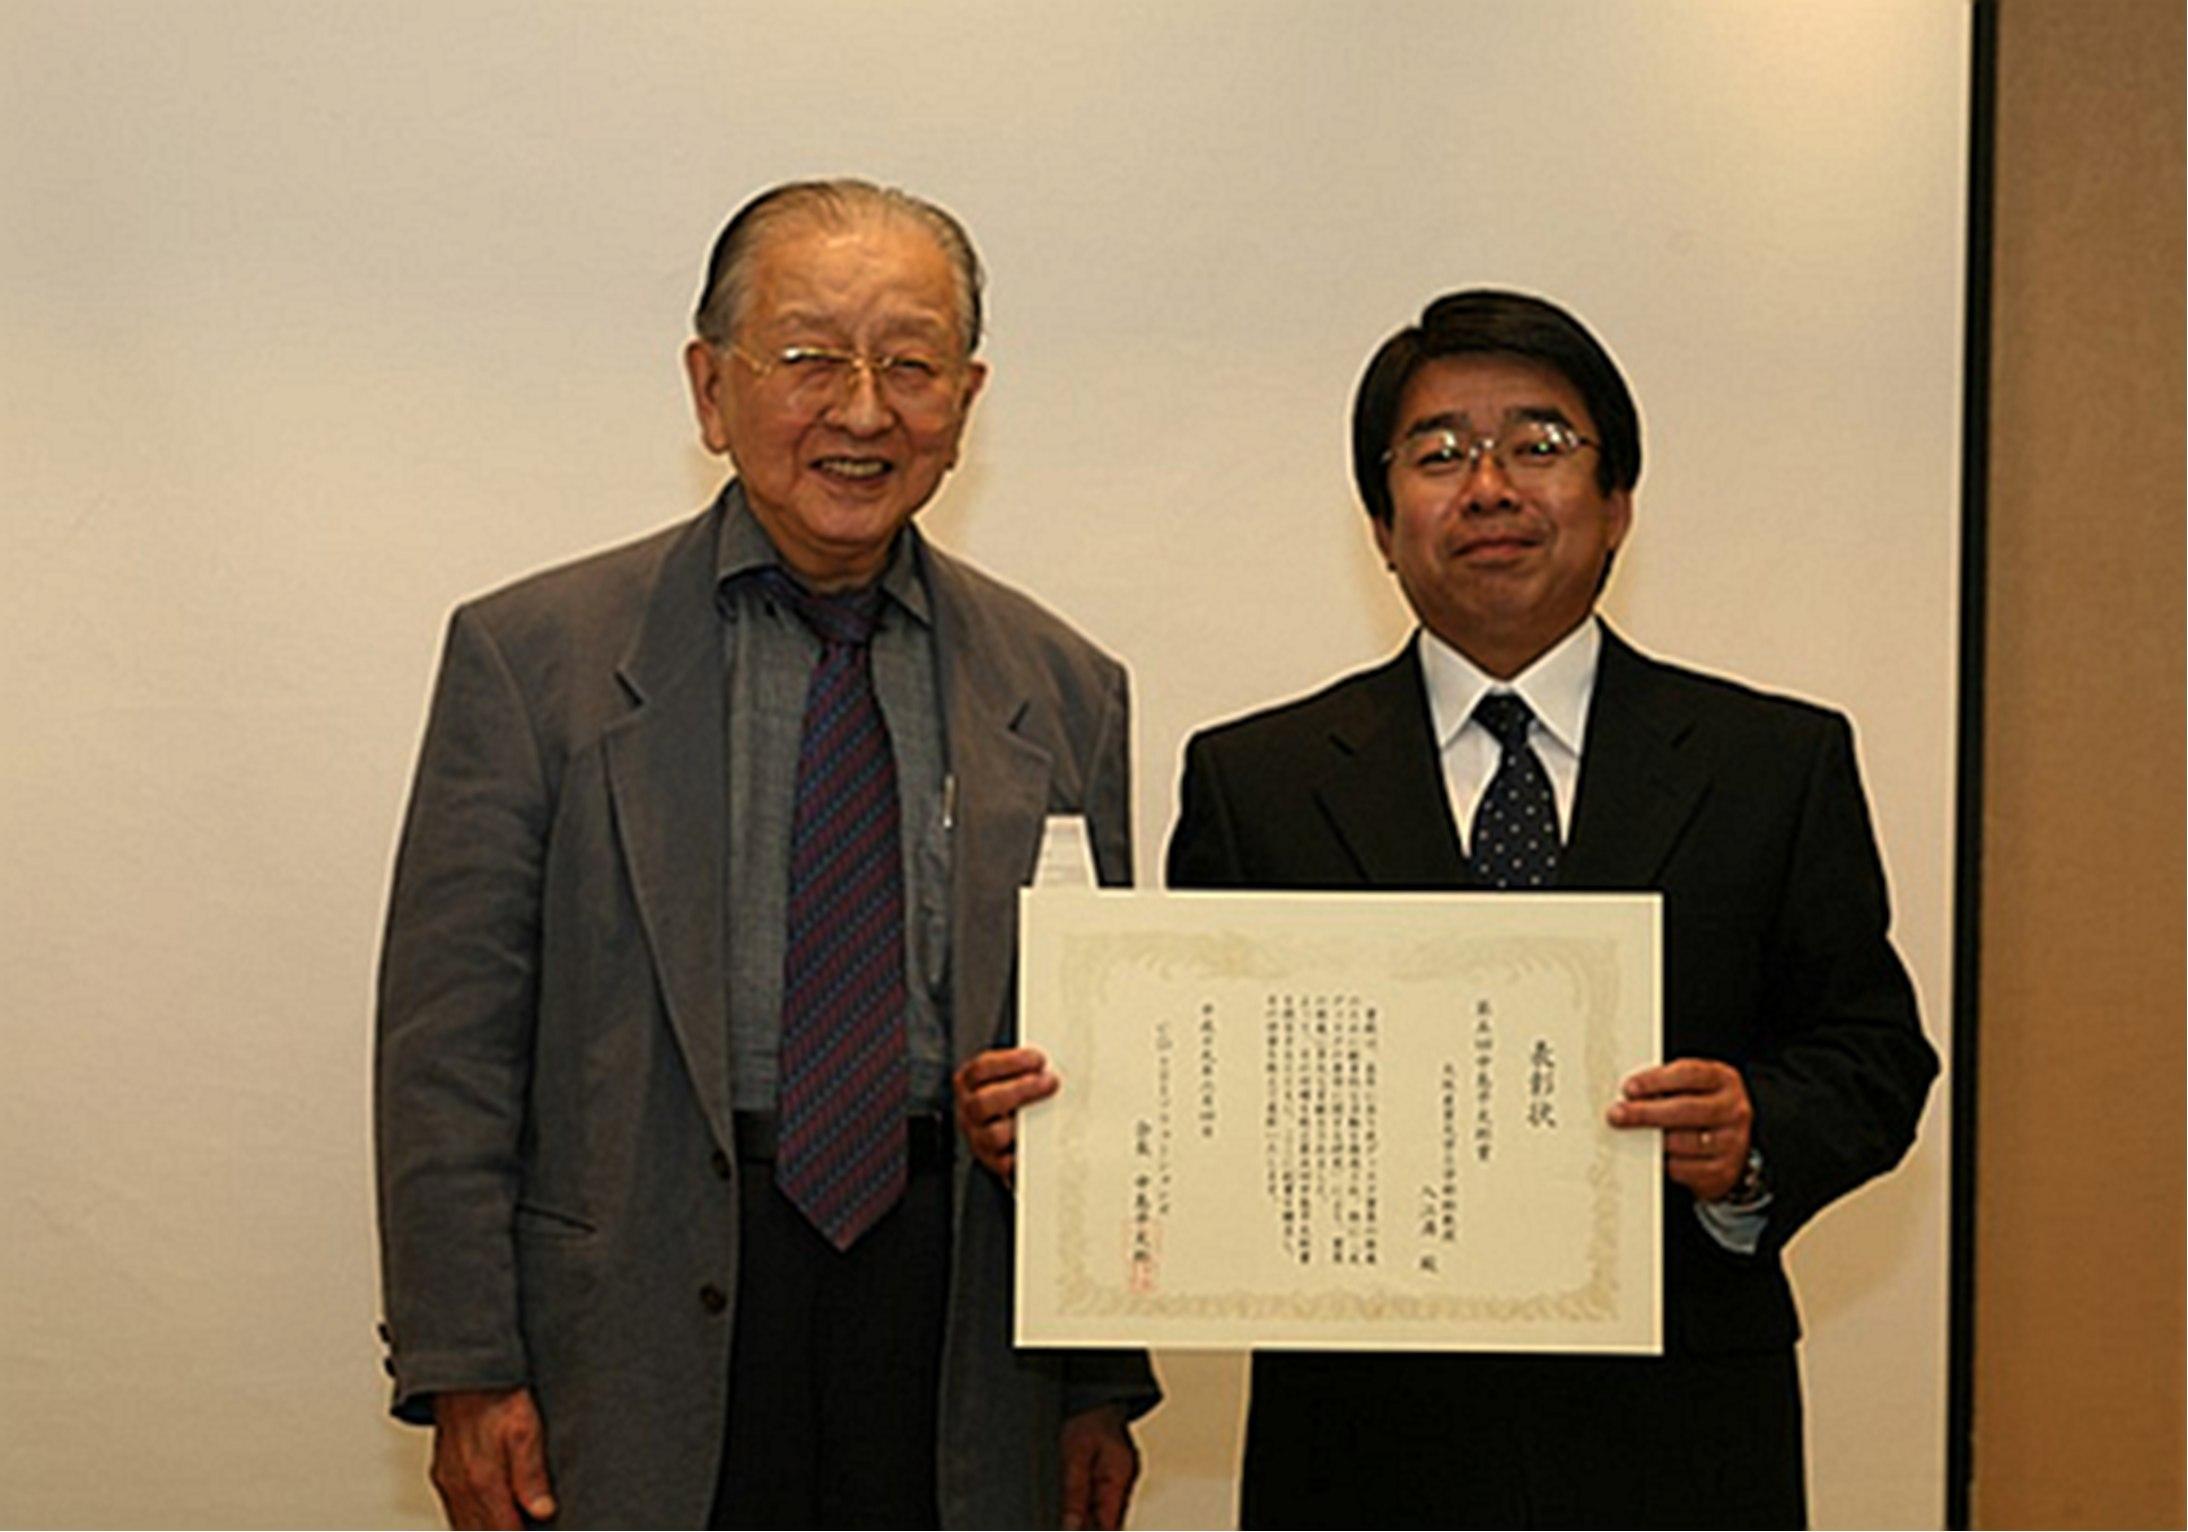 中島平太郎CDs21会長(左)と入江満大阪産業大学准教授(右) ● 中島平太郎CDs21会長(左